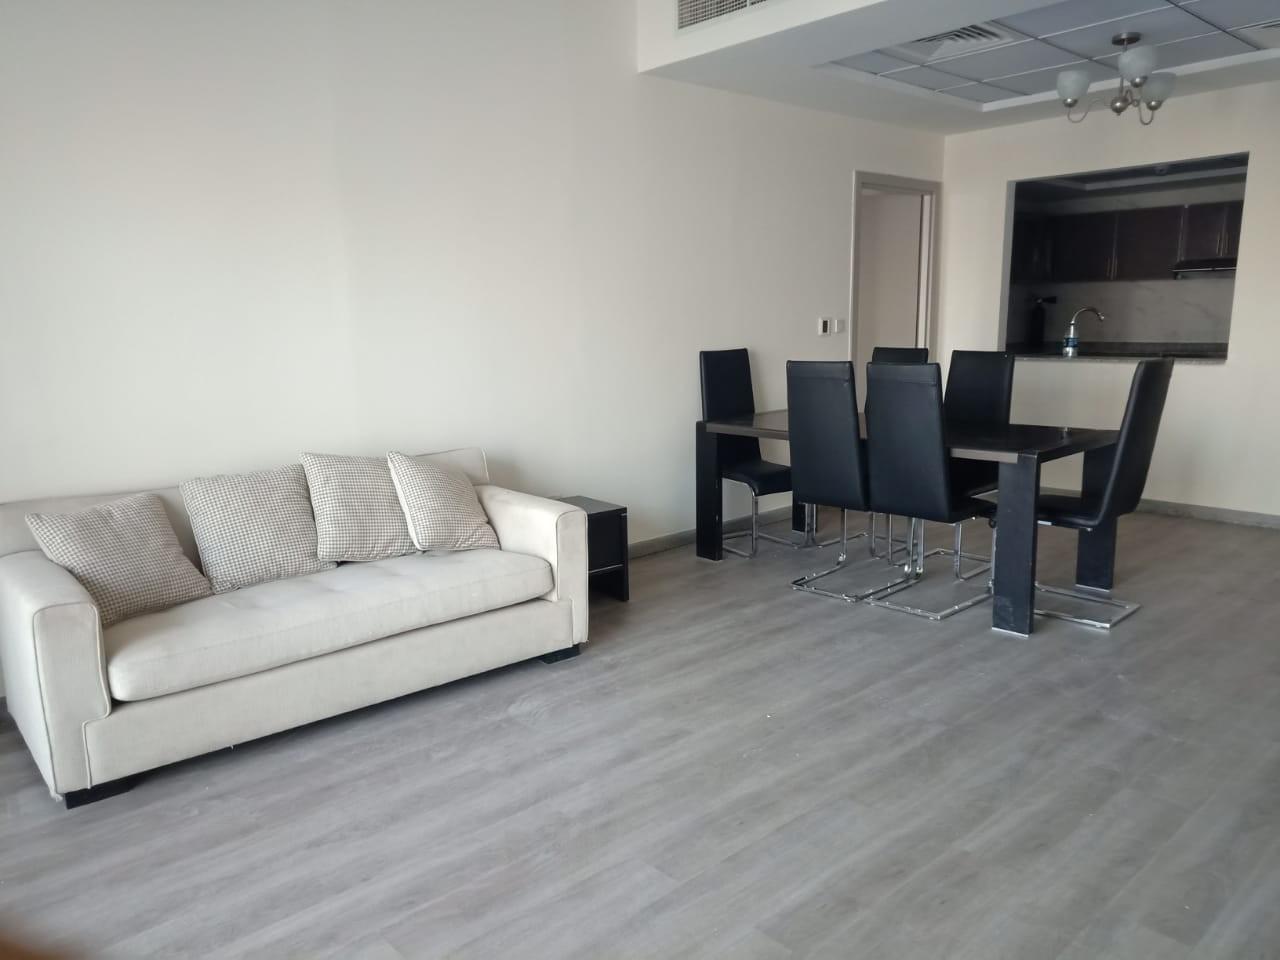 Full Marina View - 3Bedroom + Laundry for Sale in Dubai Marina